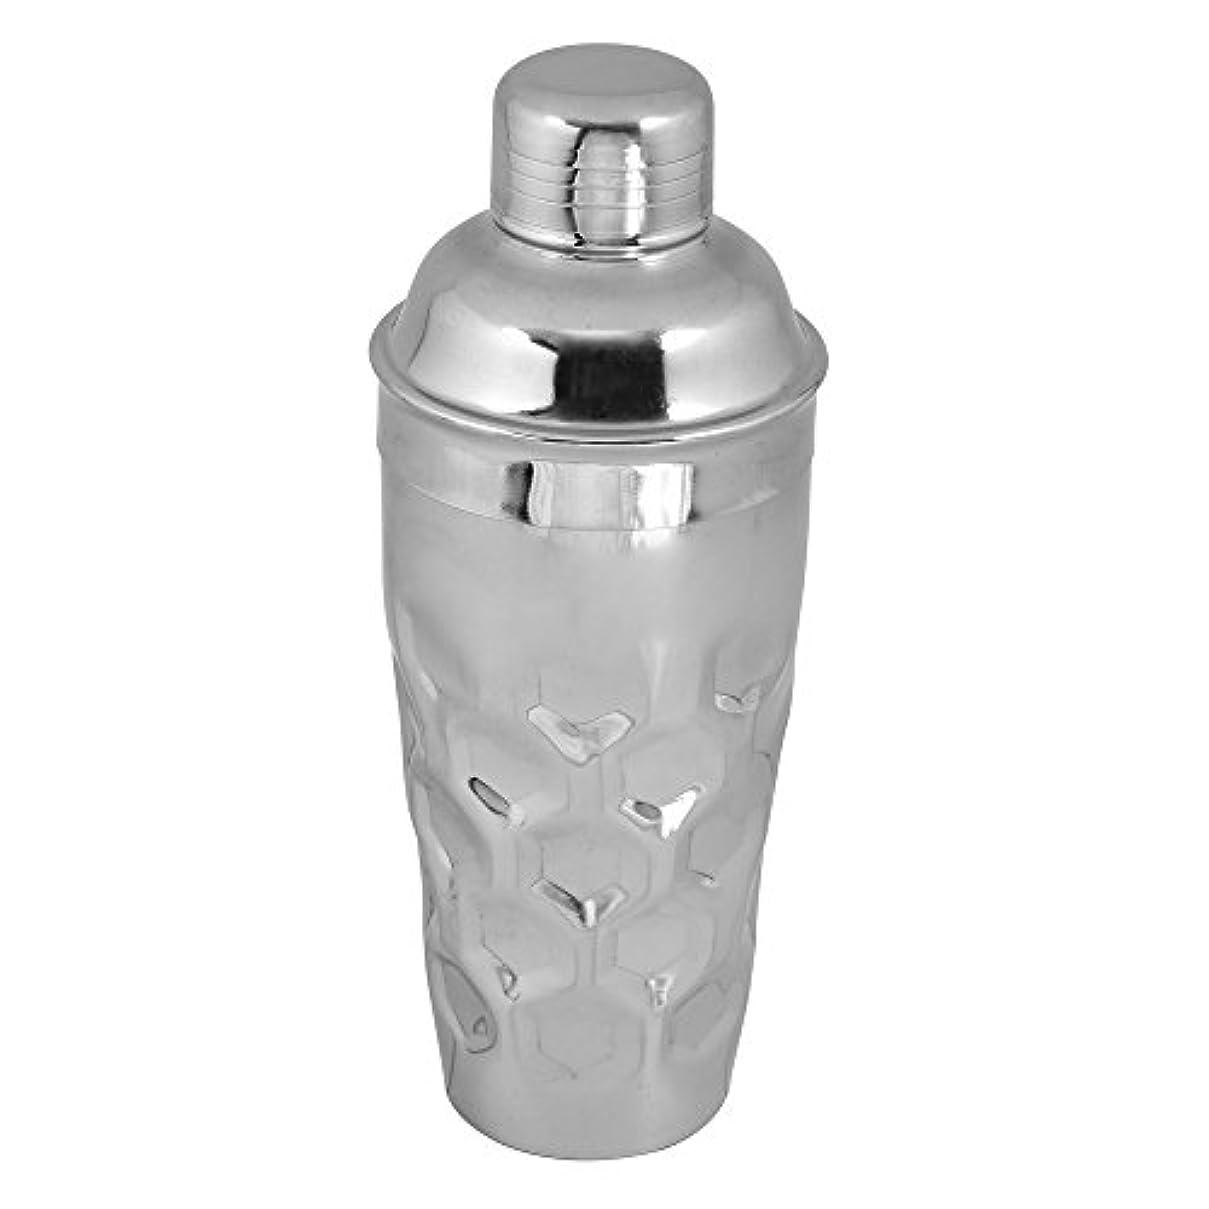 持つ父方の衣装(750ml Octagonal) - Kosma Stainless Steel Designer Cocktail Shaker Mocktail Shaker - (Hammered finish) - 750 ml